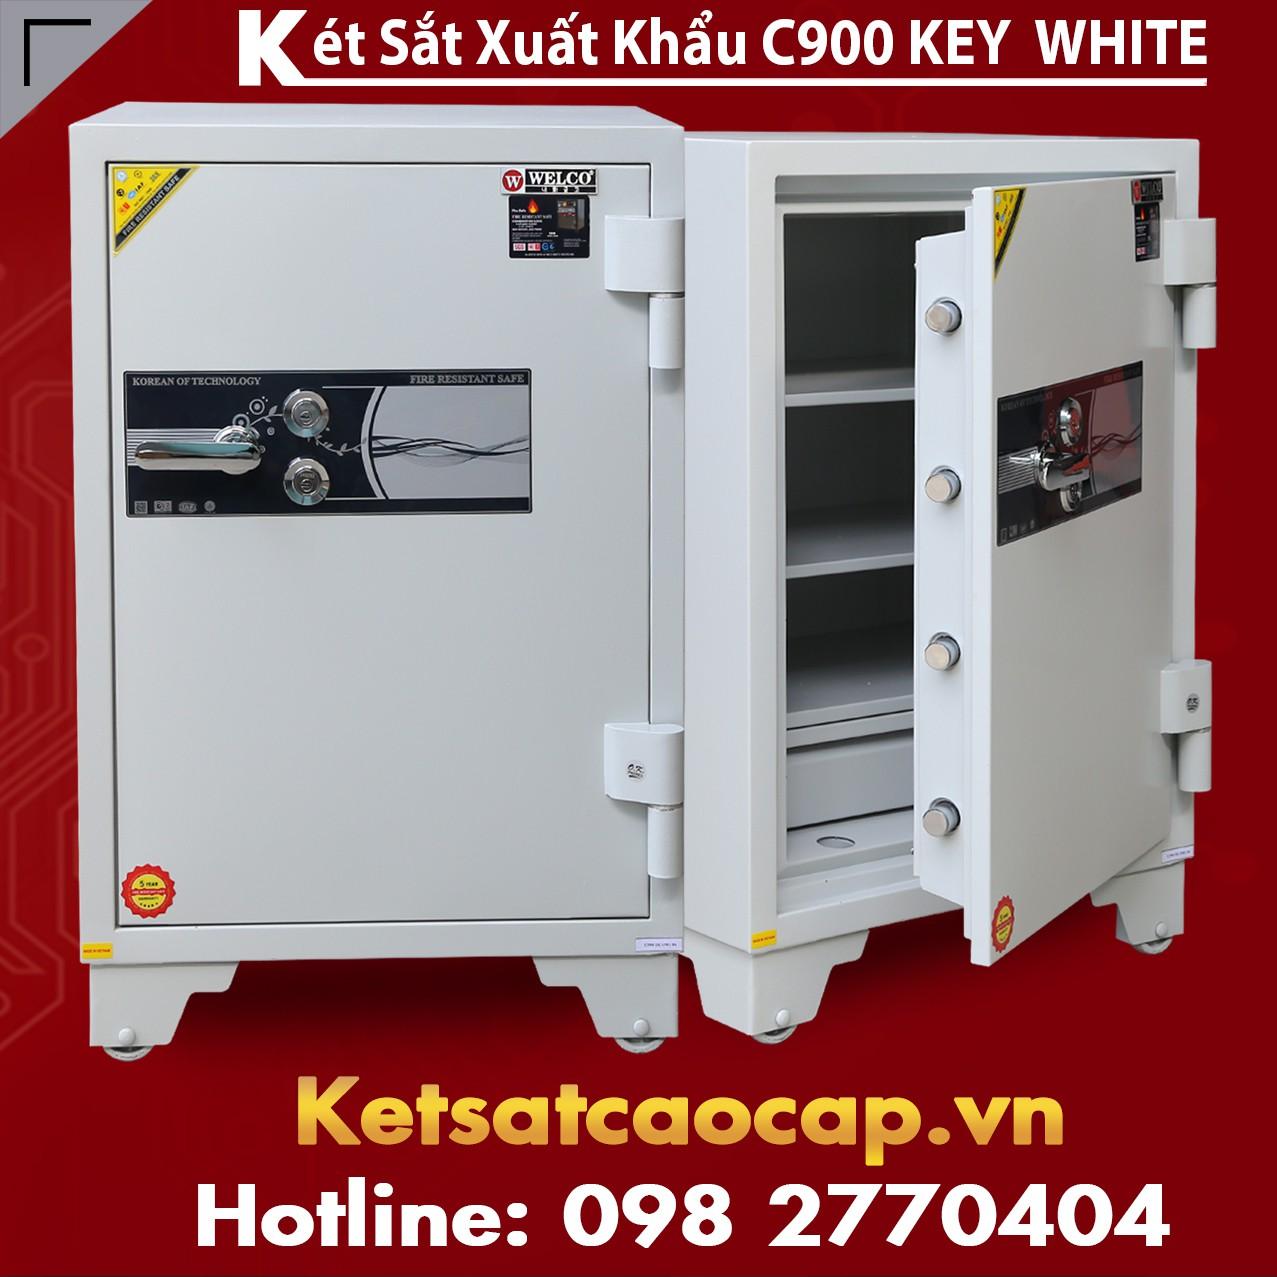 Két Sắt Xuất Khẩu C900 Key White